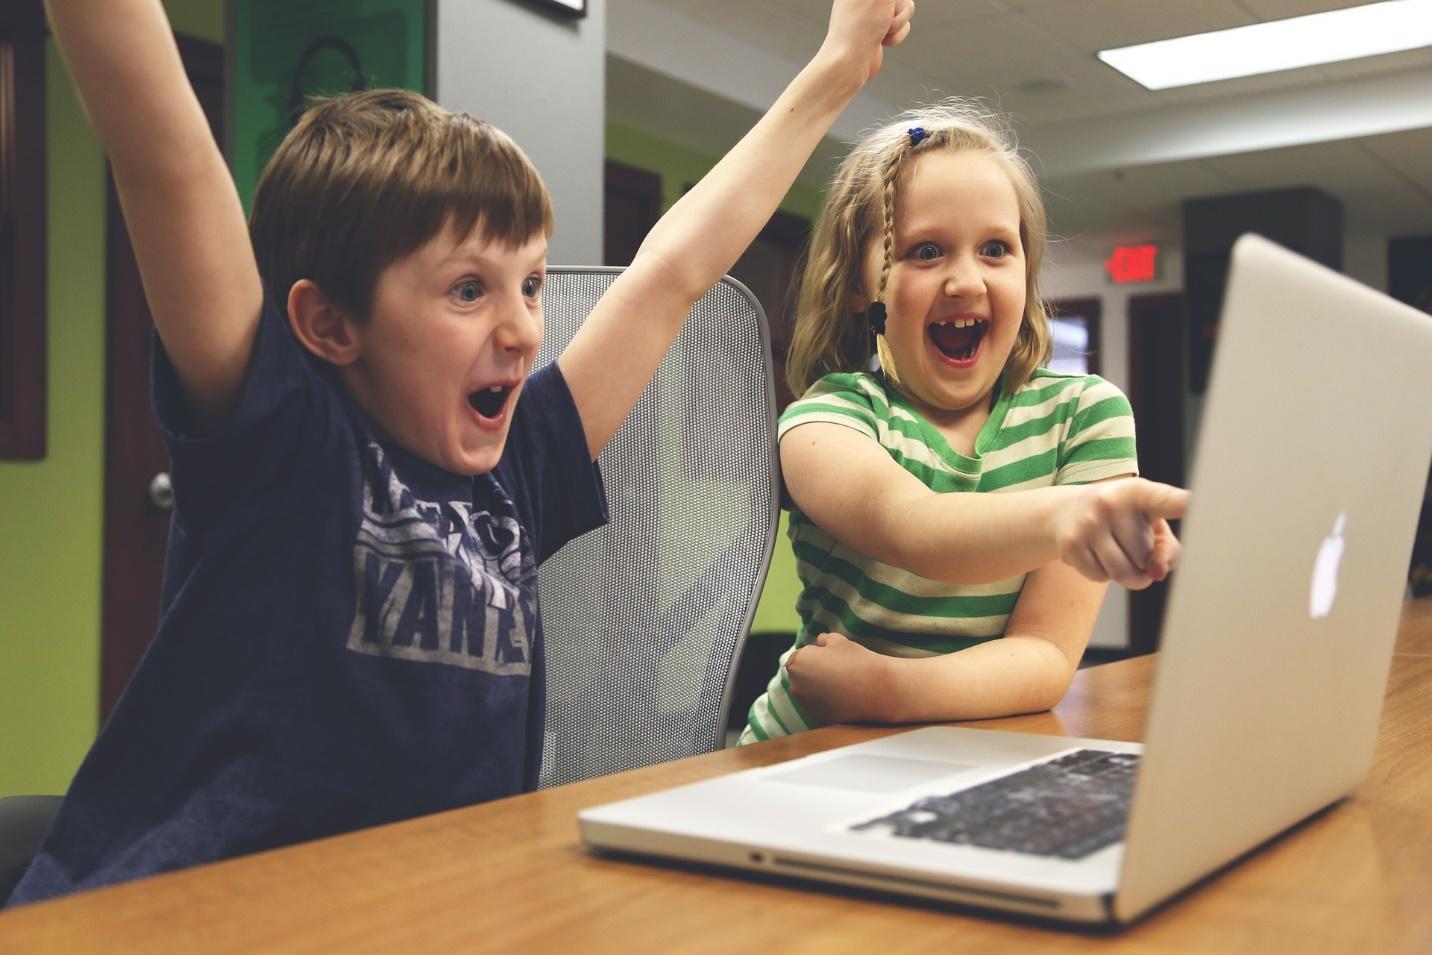 kids enjoying a SaaS platform on a laptop